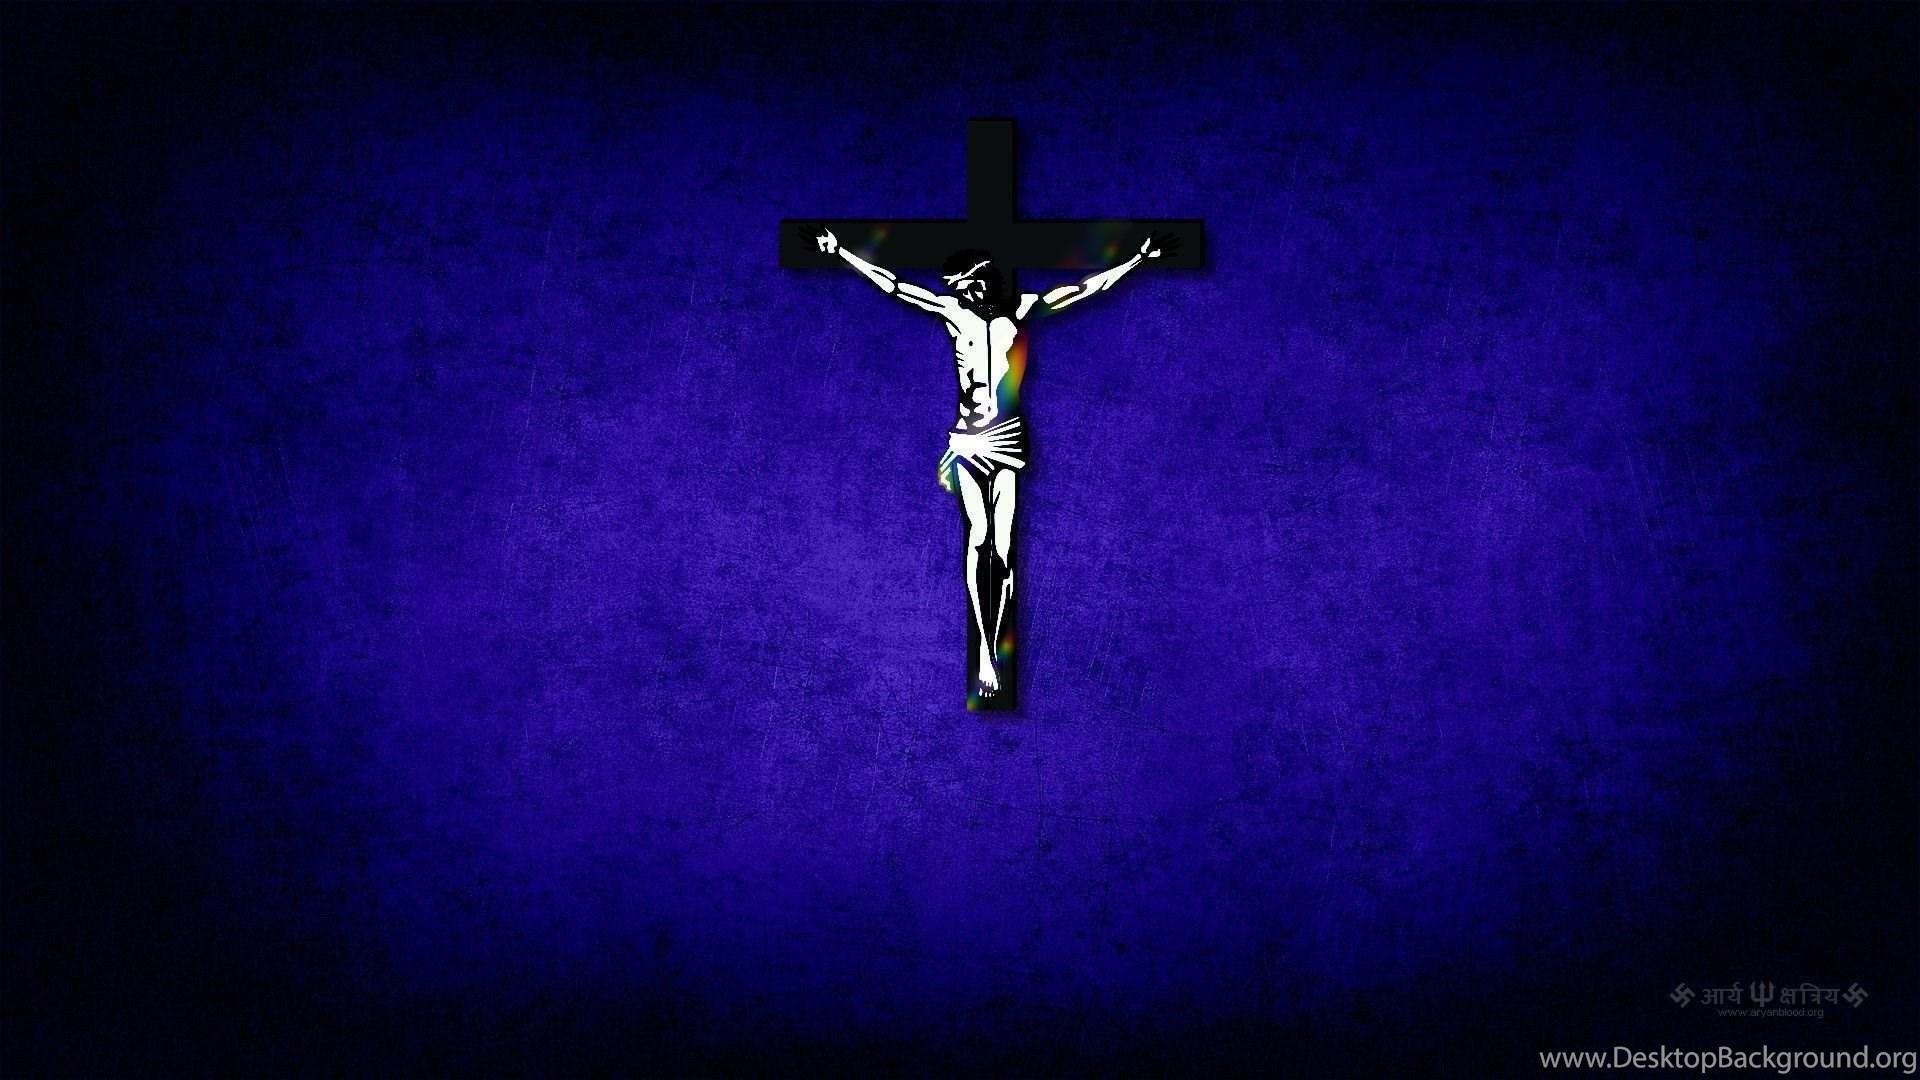 Jesus cross wallpapers desktop background popular voltagebd Image collections